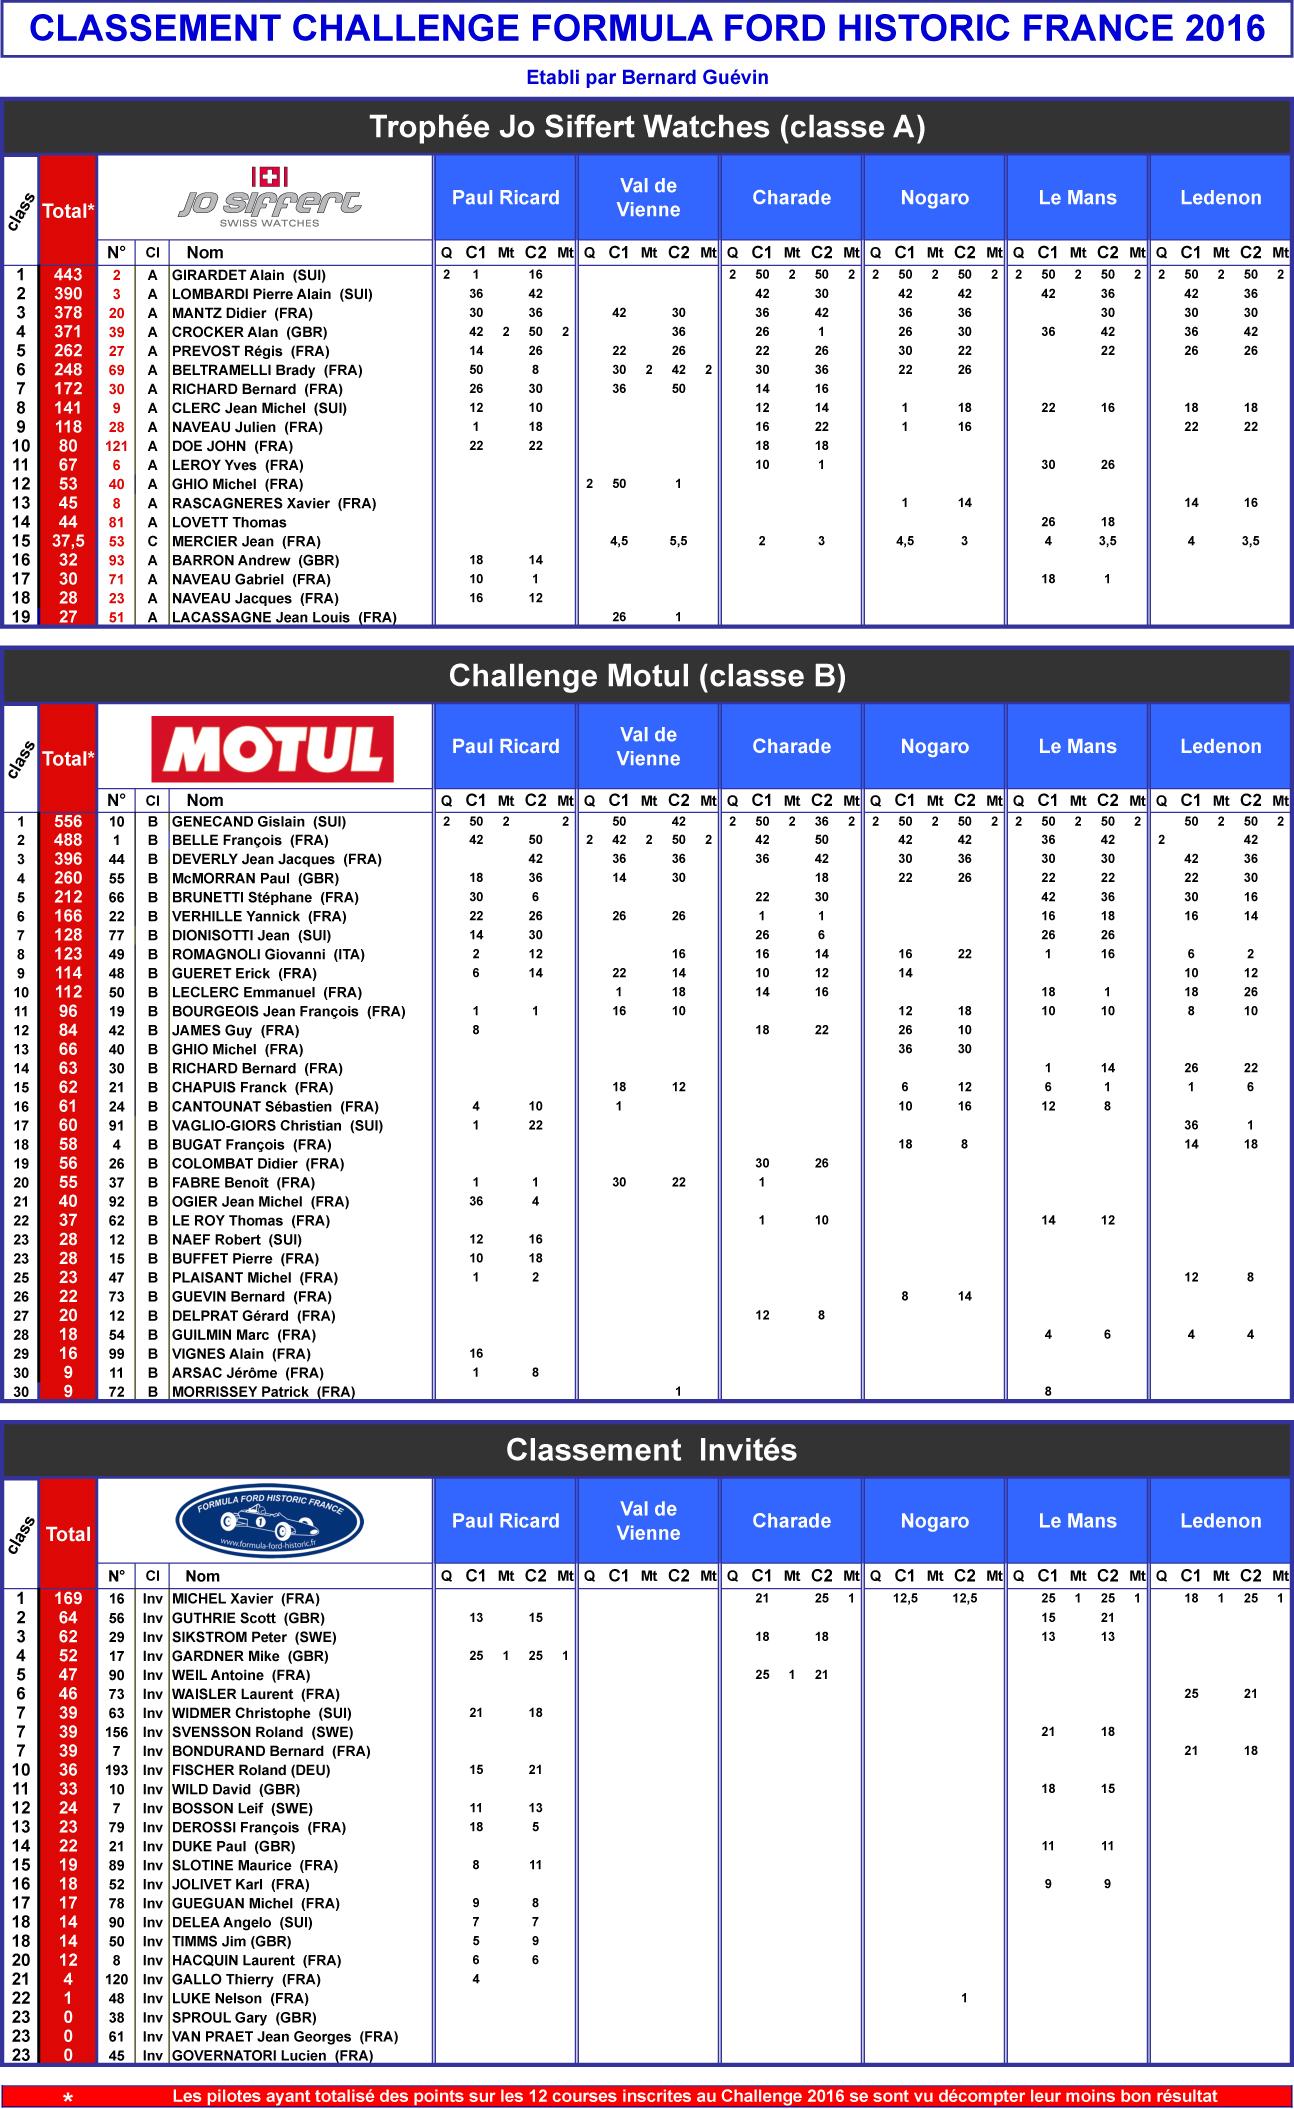 Classements après Ledenon 2016.xls